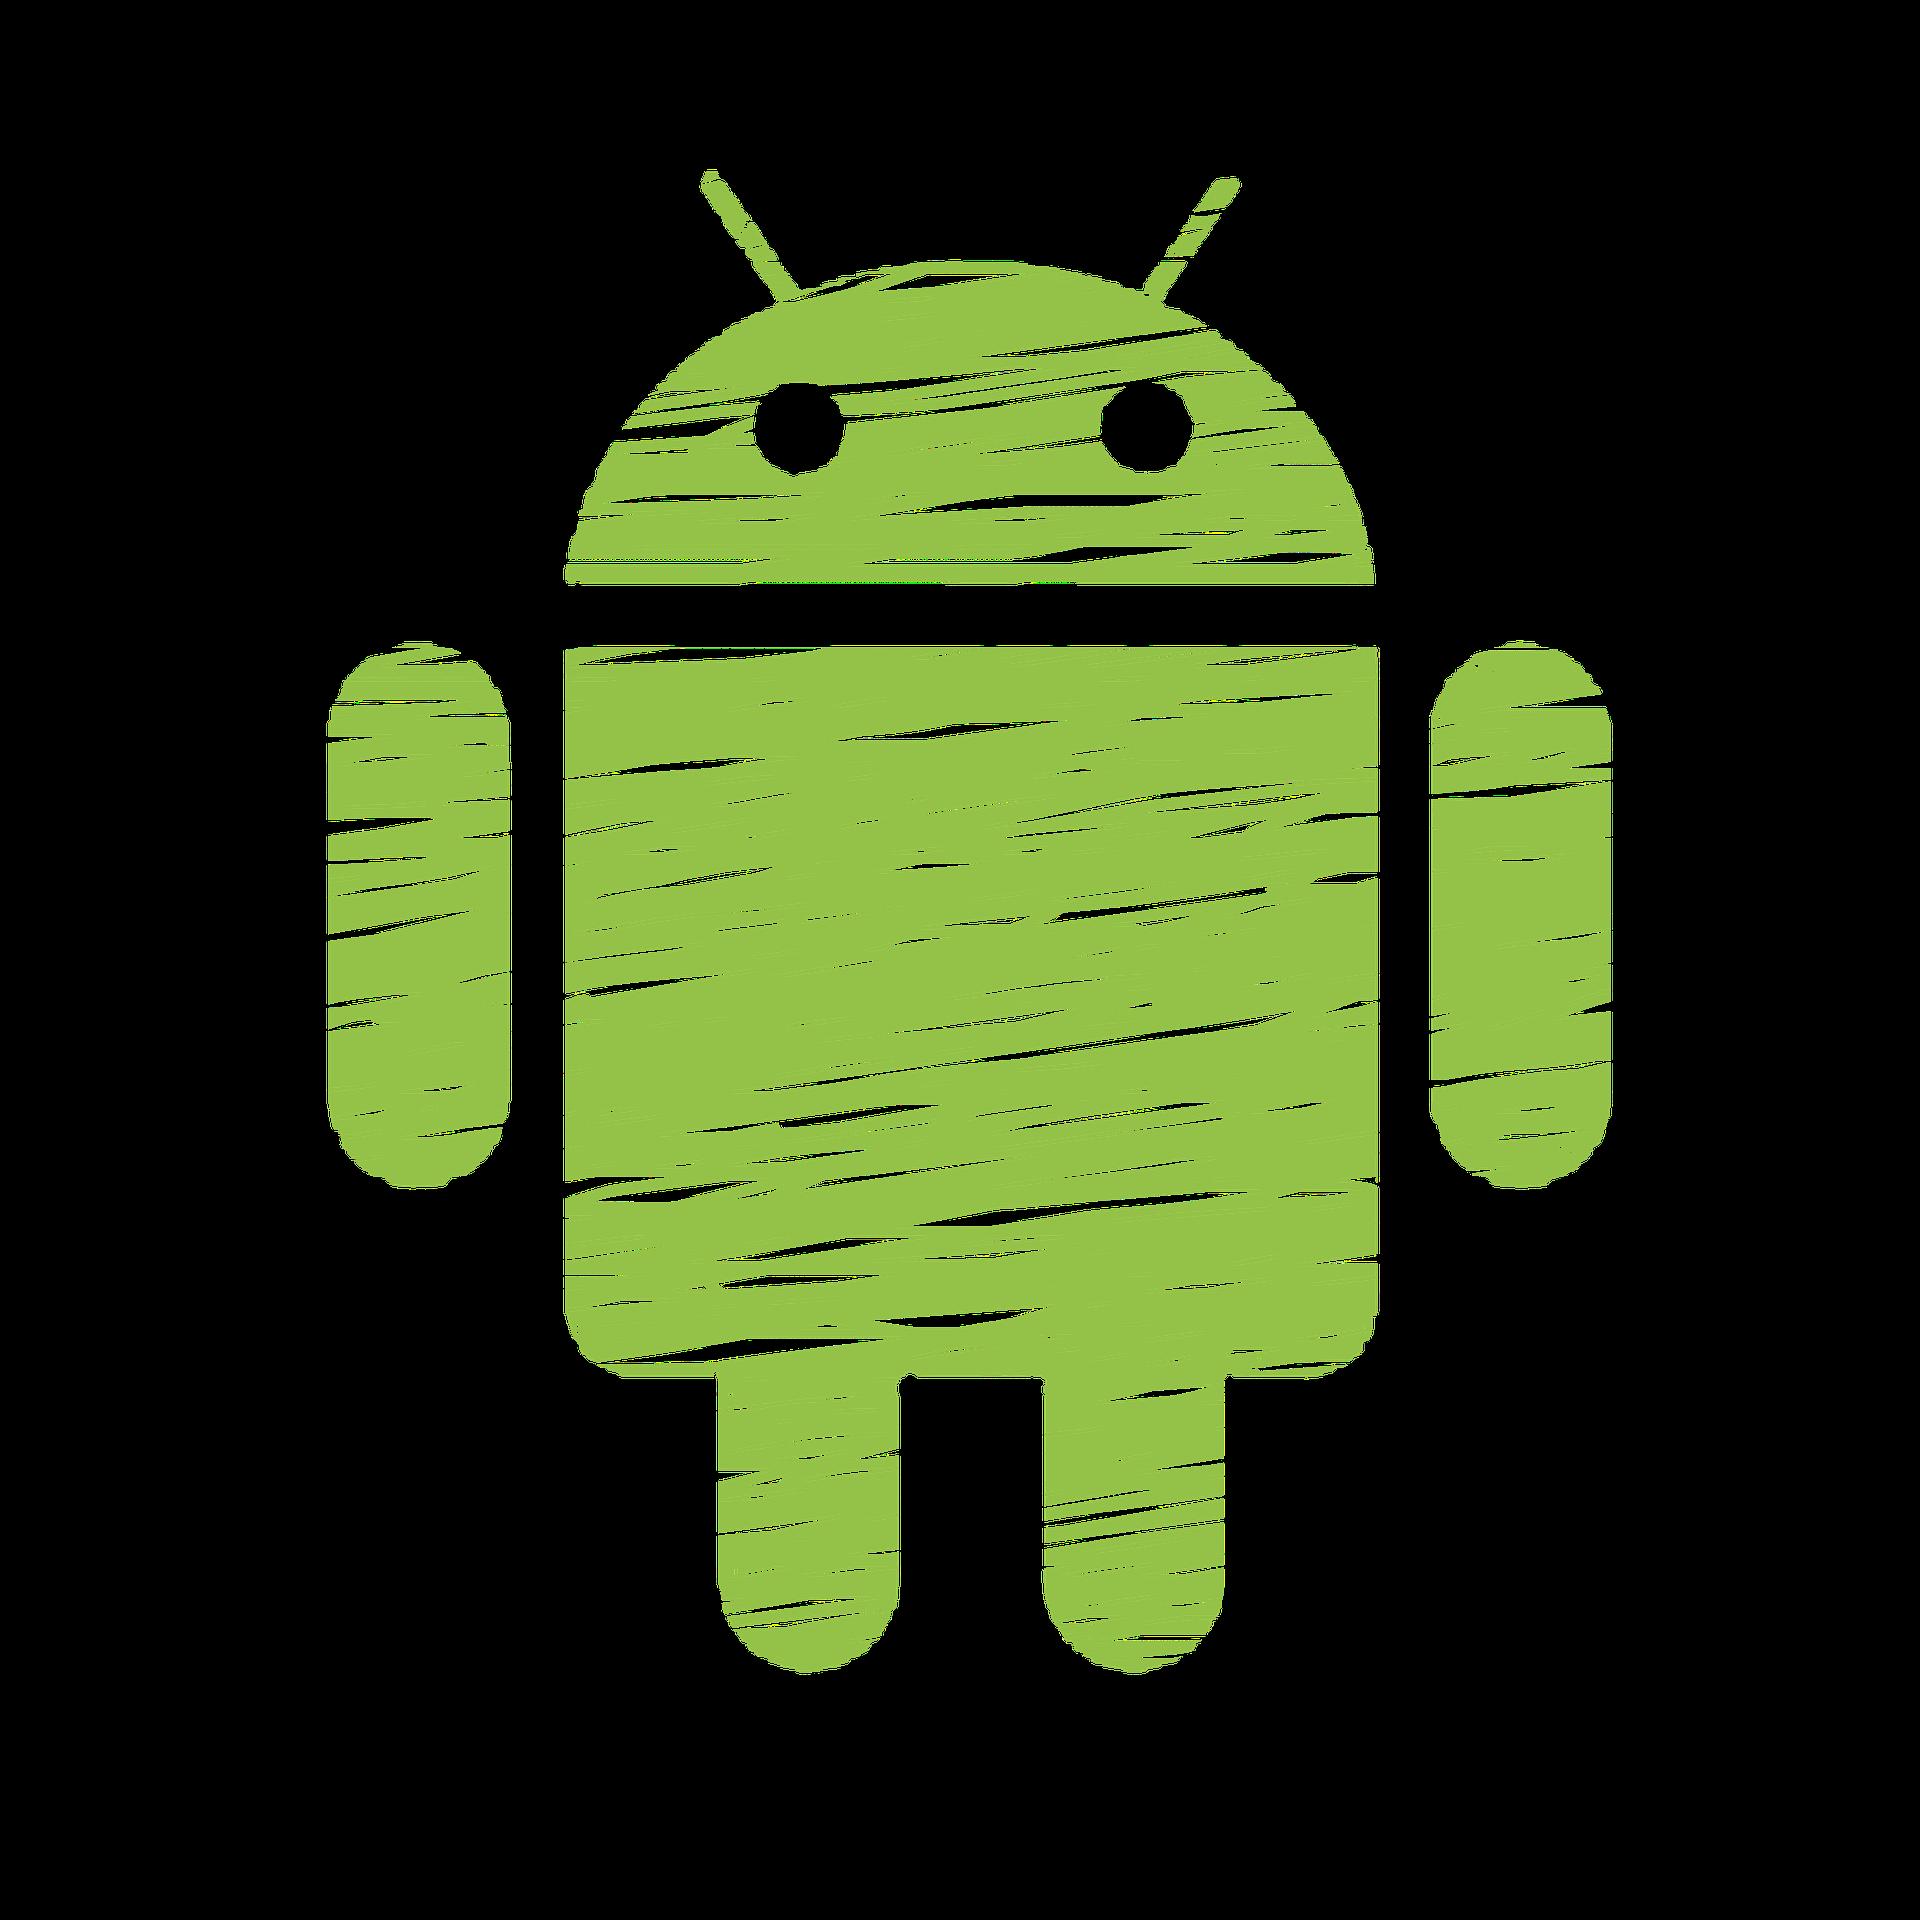 Androidユーザー必見!クイック設定パネルの使い方